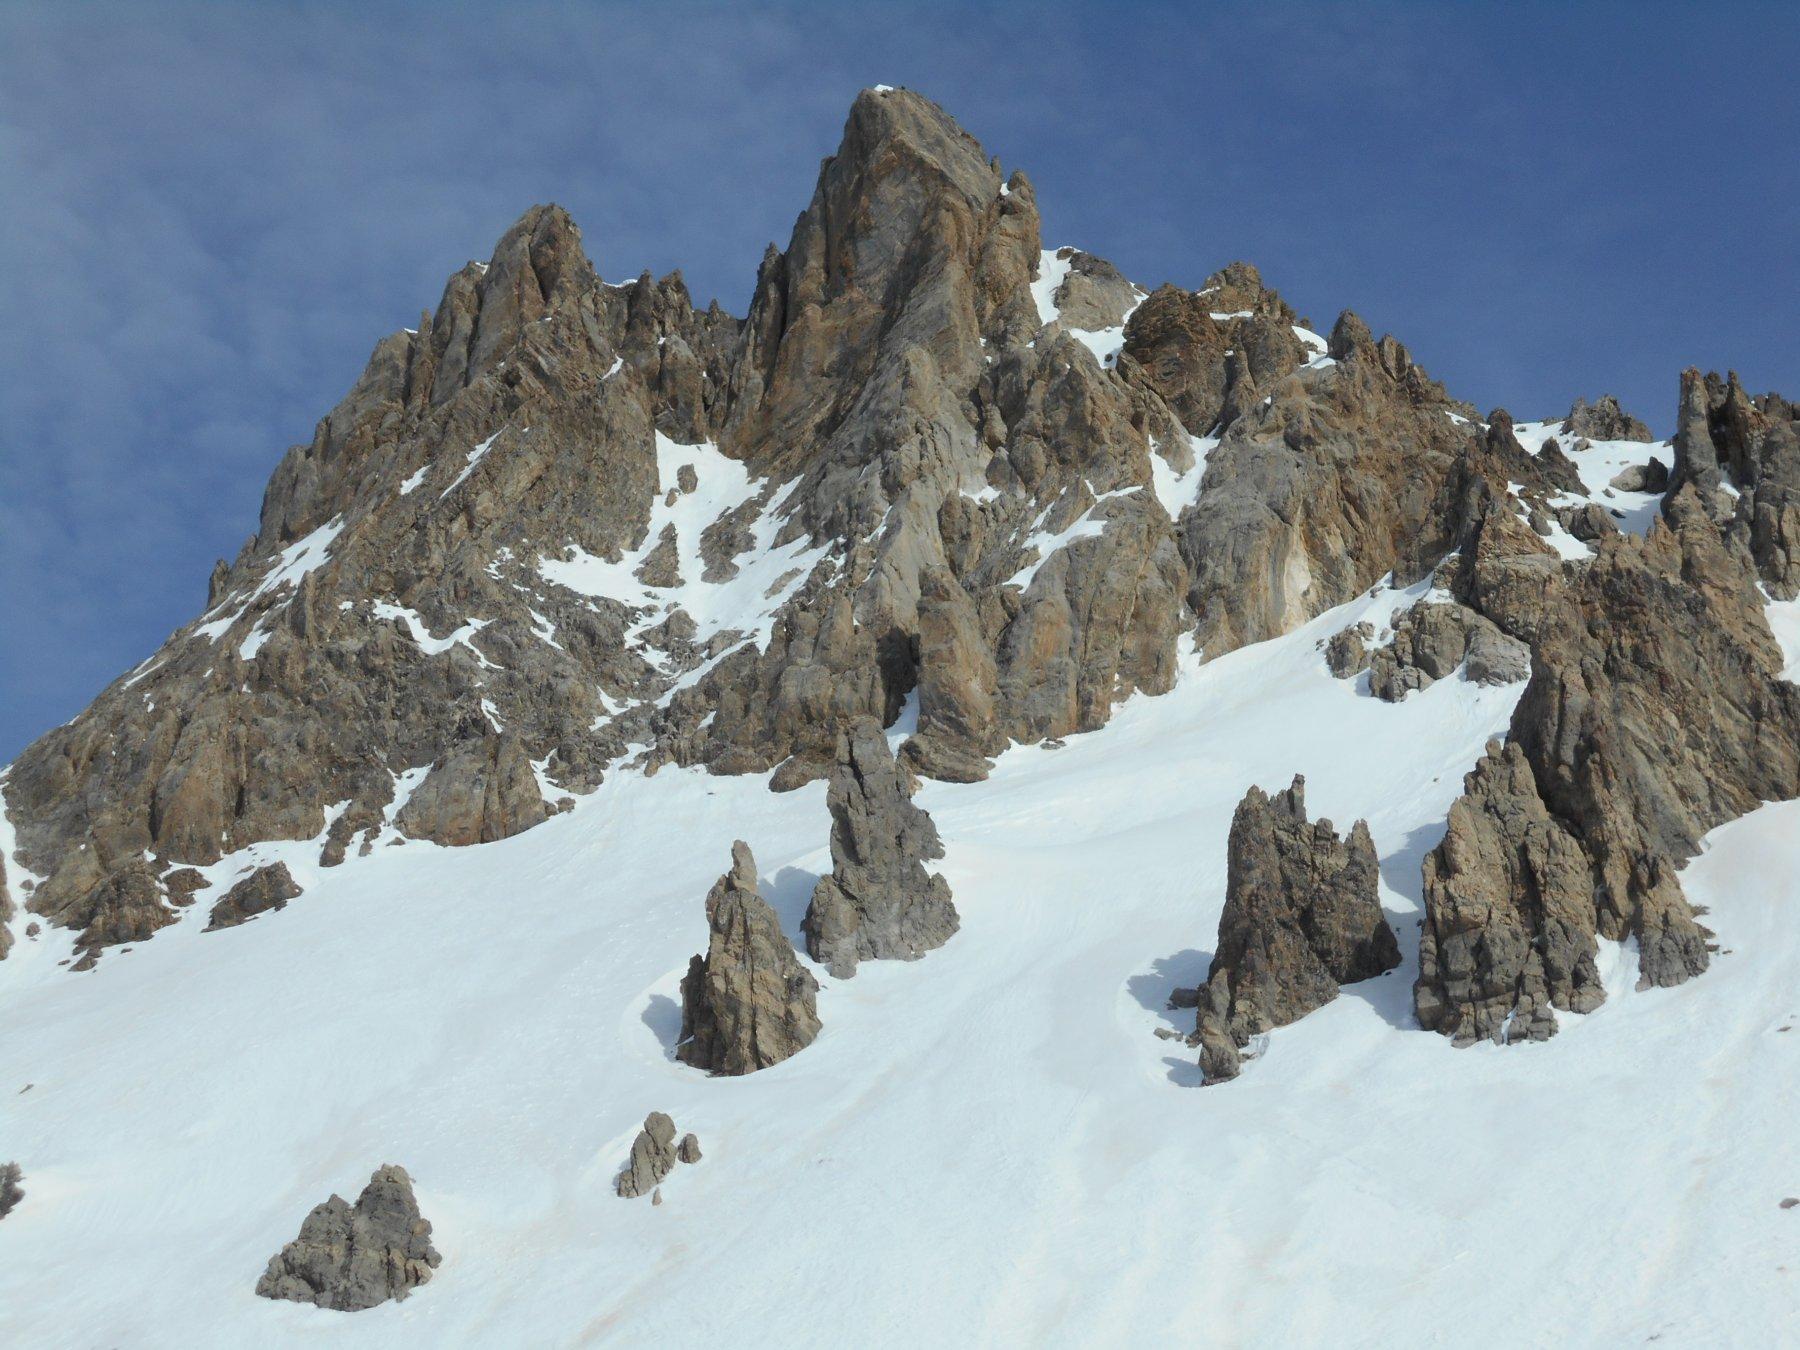 Oronaye (Monte) Canale Sud di Destra 2020-02-08